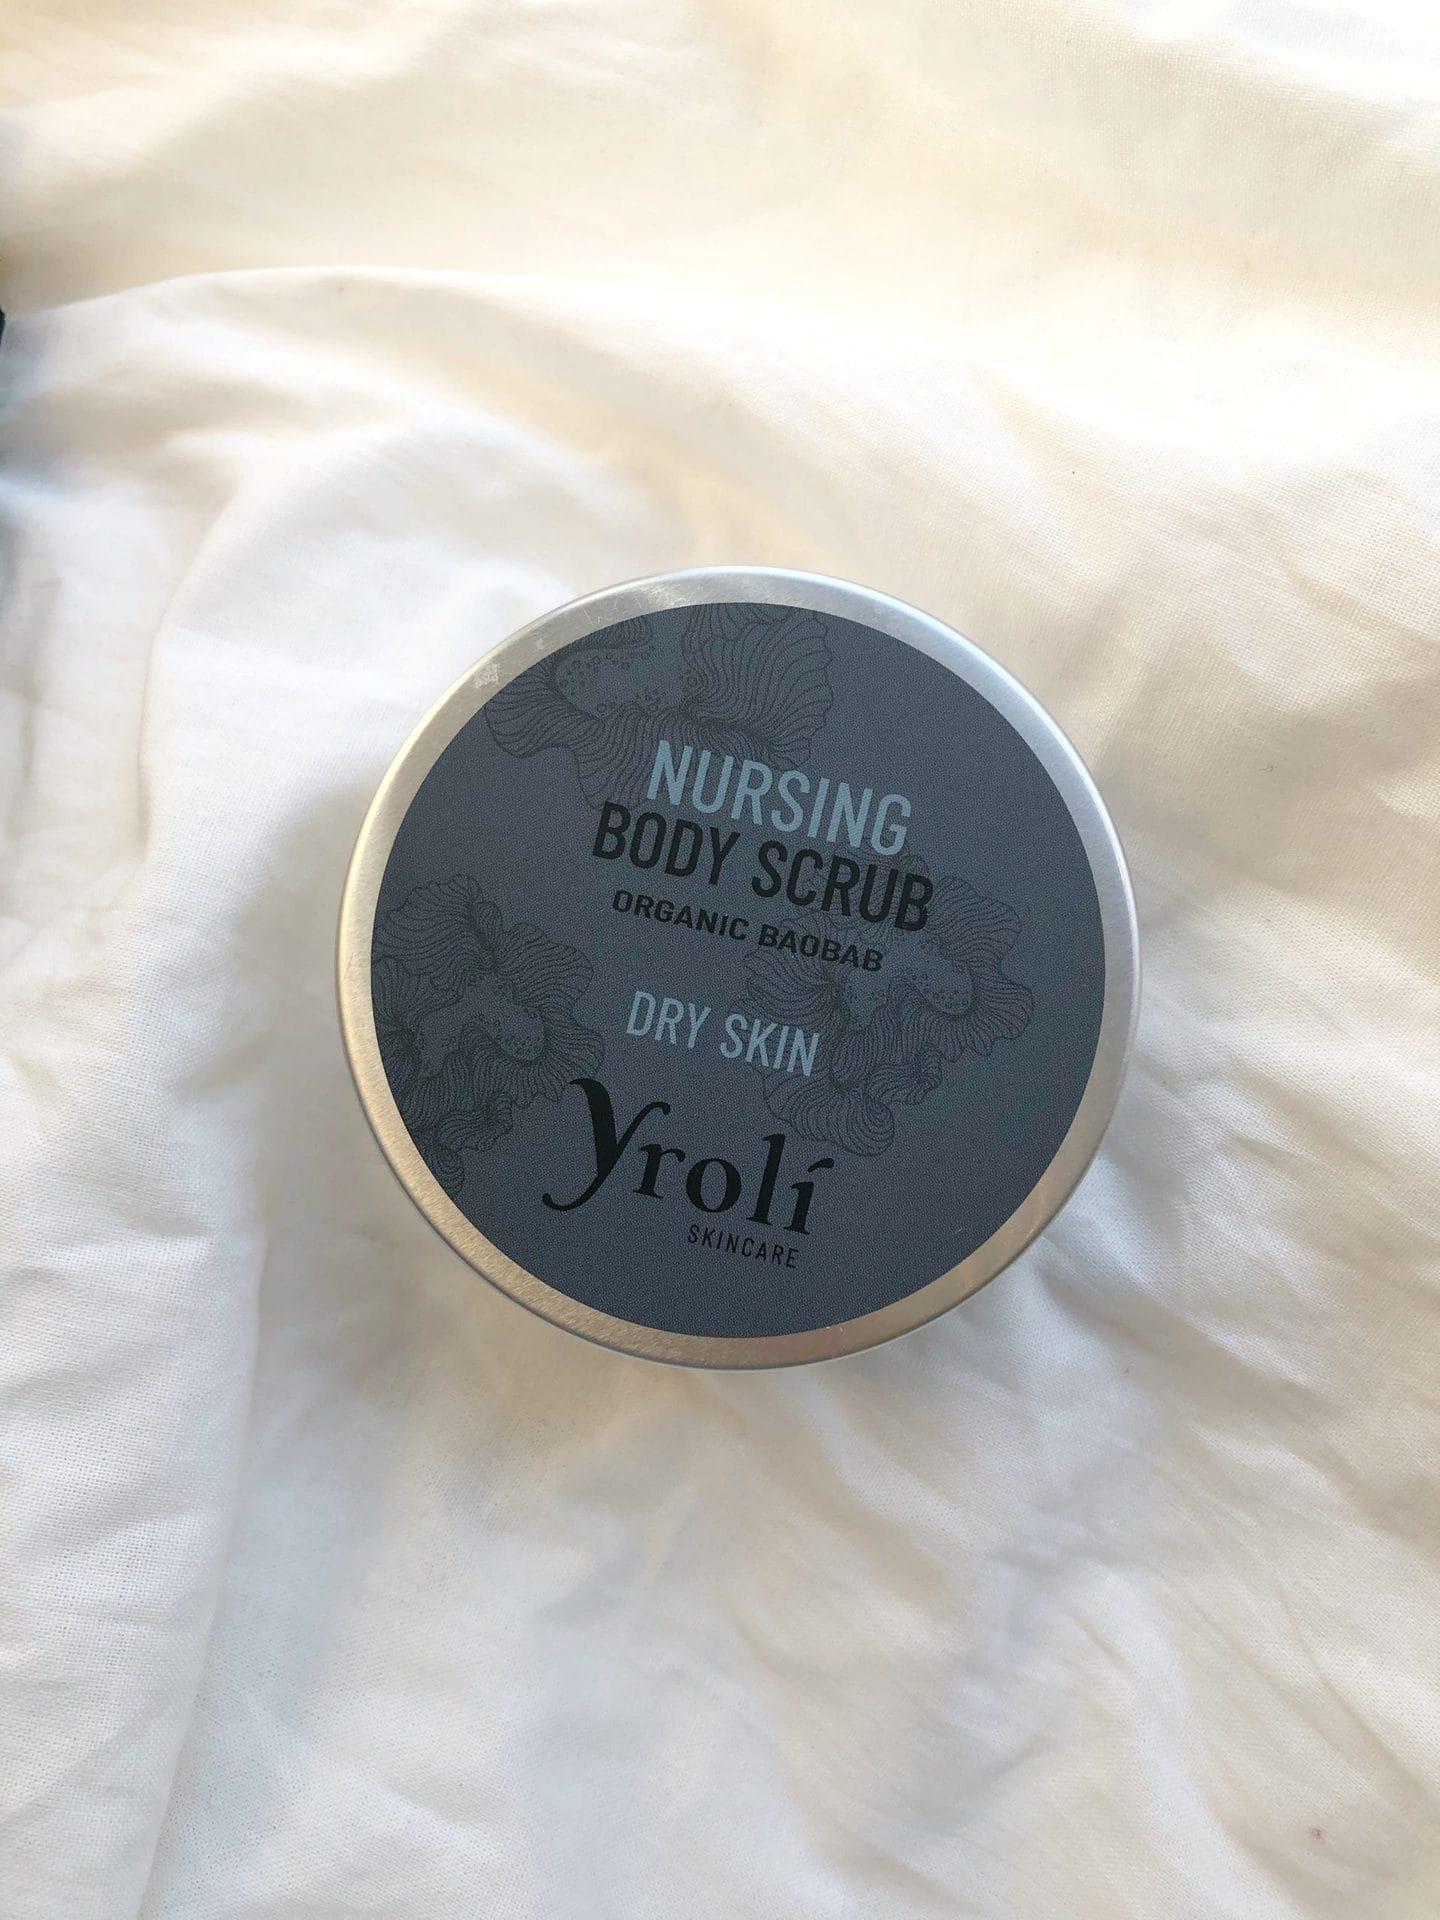 Nursing body scrub